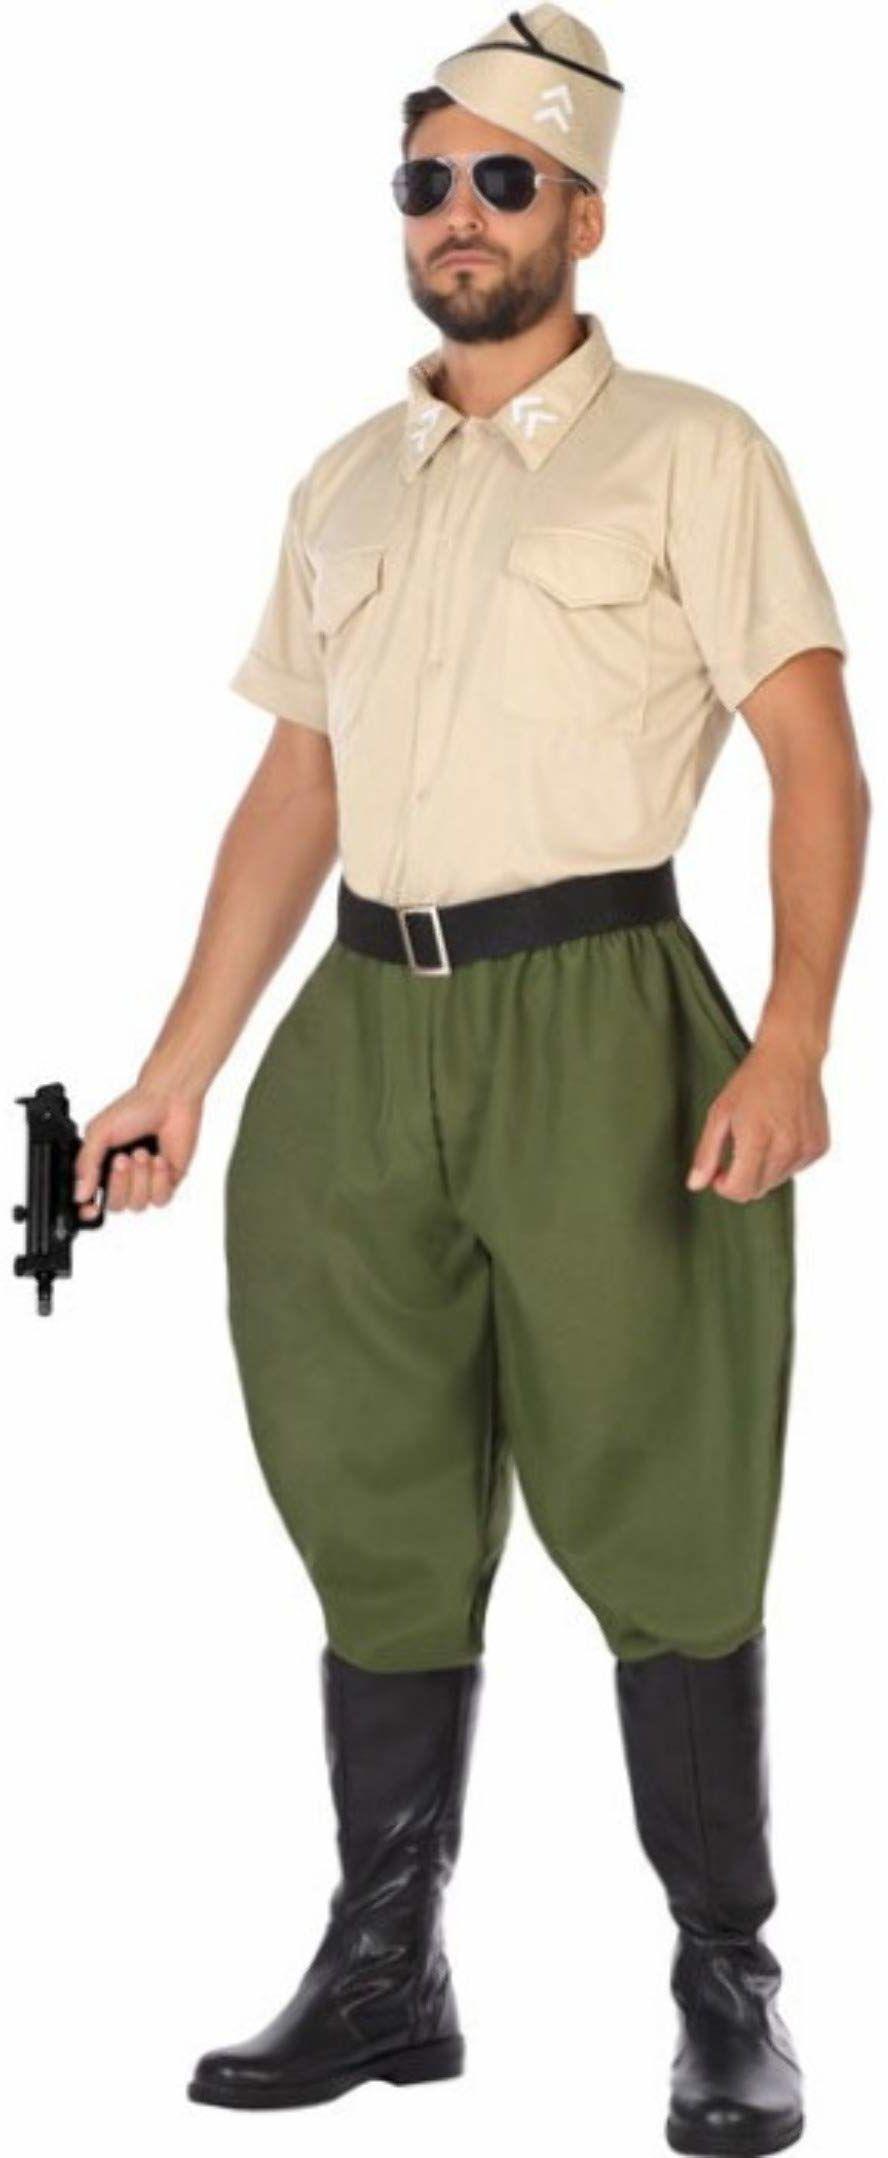 Atosa 54767 kostium żołnierz Ii Www człowiek M-L zielony karnawał, mężczyźni